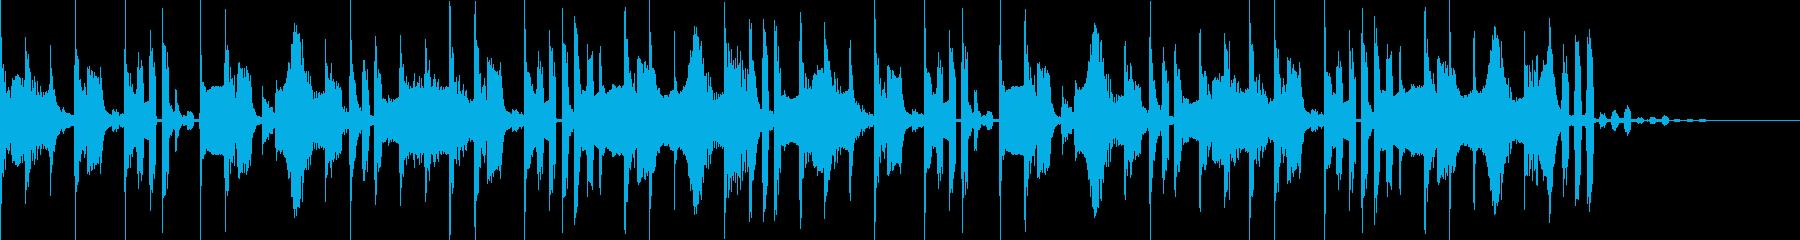 ファミコンのゲーム音楽のようなジングルの再生済みの波形